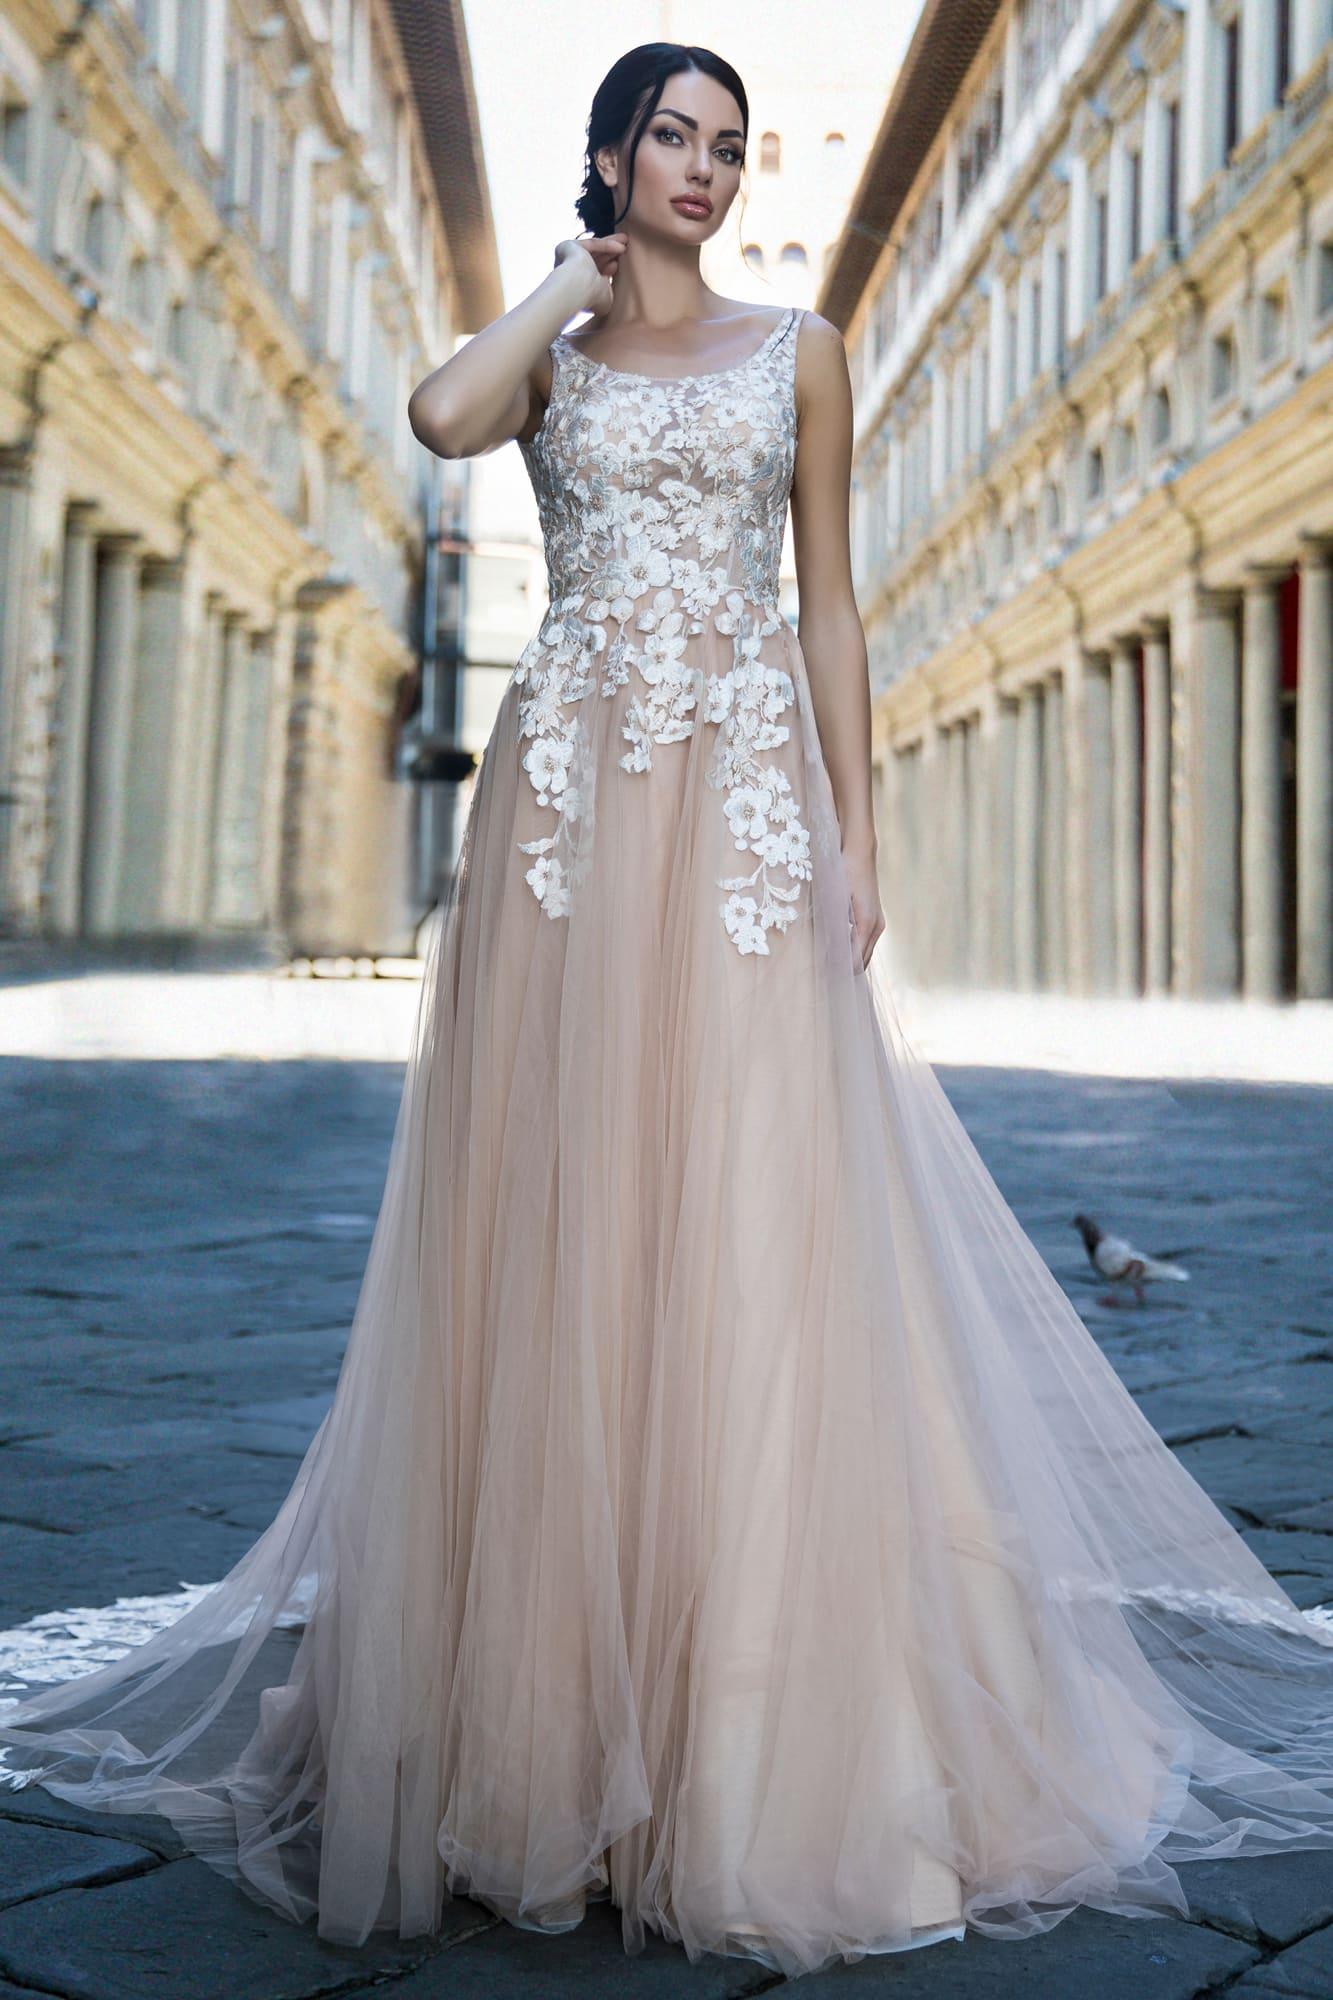 Прямое свадебное платье бежевого цвета, украшенное белыми кружевными аппликациями.